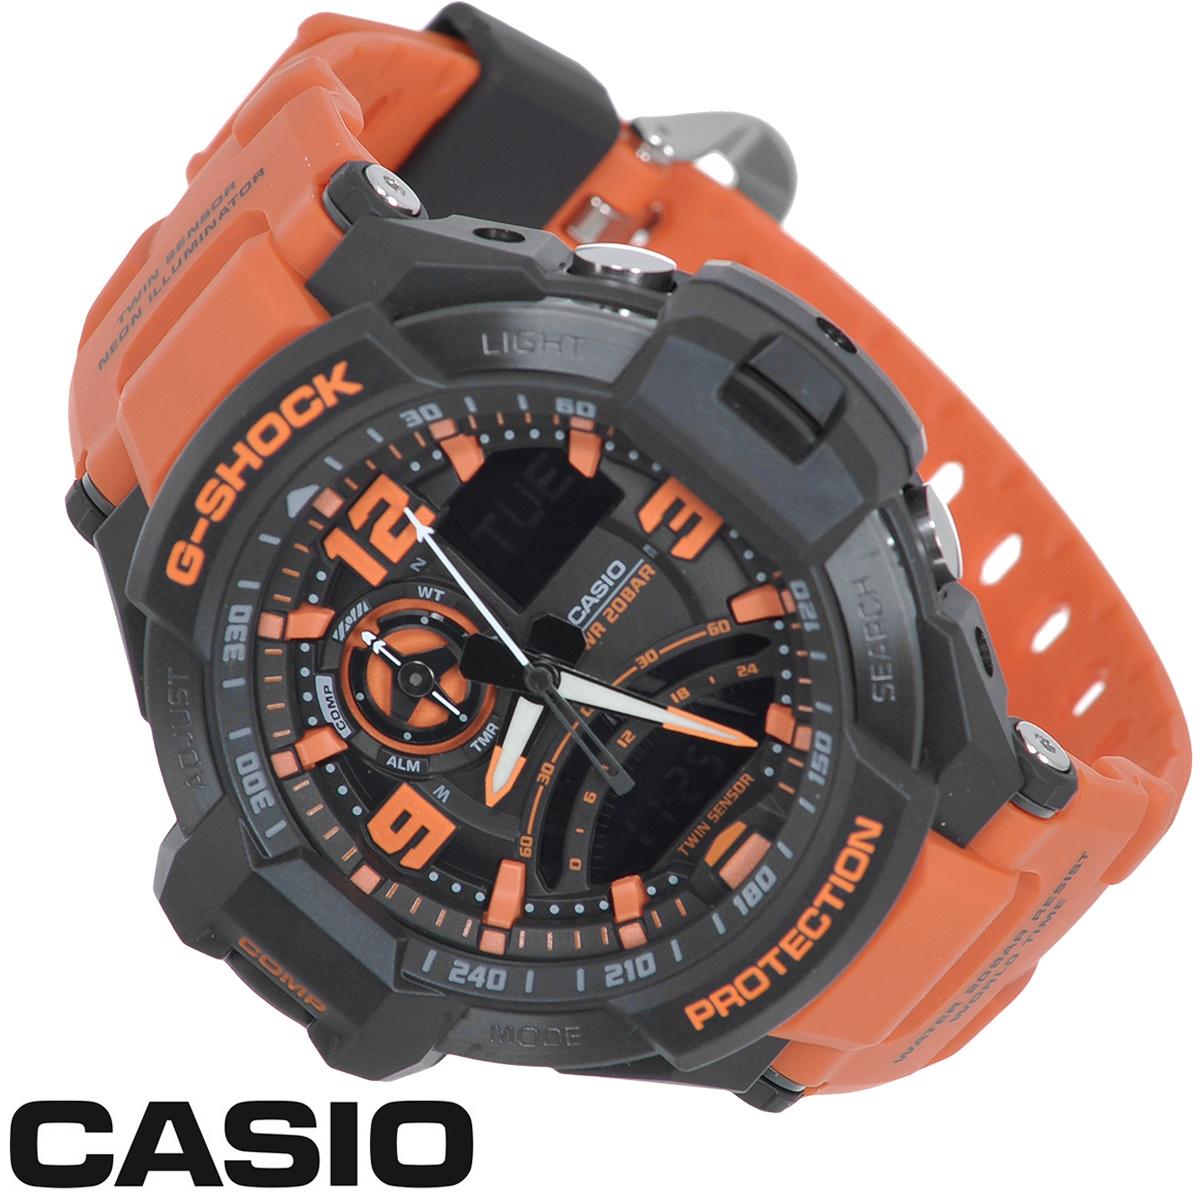 Часы мужские наручные Casio G-Shock, цвет: черный, оранжевый. GA-1000-4AGA-1000-4AСтильные часы G-Shock от японского брэнда Casio - это яркий функциональный аксессуар для современных людей, которые стремятся выделиться из толпы и подчеркнуть свою индивидуальность. Часы выполнены в спортивном стиле. Корпус имеет ударопрочную конструкцию, защищающую механизм от ударов и вибрации. Циферблат со стальным безелем подсвечивается светодиодной автоподсветкой с флюорисцентным напылением на стрелках и дисплее. При повороте часов в сторону лица подсветка дисплея осуществляется автоматически. Светонакопительное покрытие Neobrite продолжает светиться в темноте даже после непродолжительного пребывания на свету. Ремешок из мягкого пластика имеет классическую застежку. Основные функции: - 5 будильников, один с функцией повтора сигнала (чтобы отложить пробуждение), ежечасный сигнал; - автоматический календарь (число, месяц, день недели, год); - встроенный цифровой компас; - термометр от -10° до +60°С с точностью 0,1°C; ...